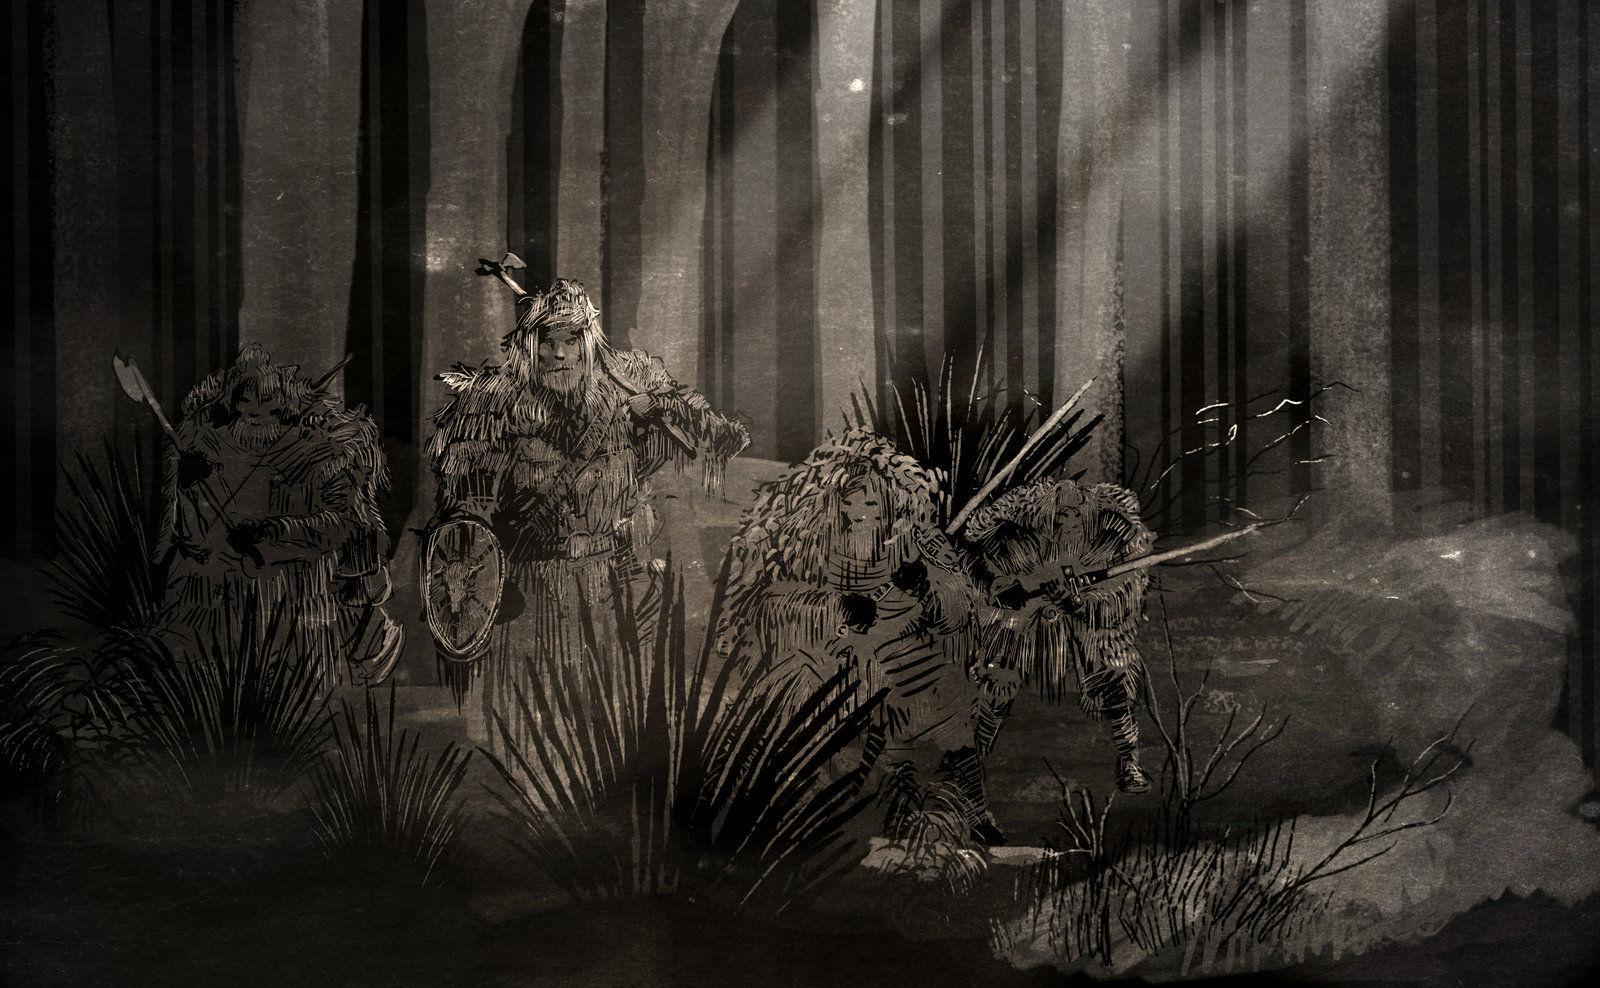 Es tan grande la lealtad Norteña, que Stannis consigue que los Clanes Norteños se unan a el y ataquen Invernalia, para...